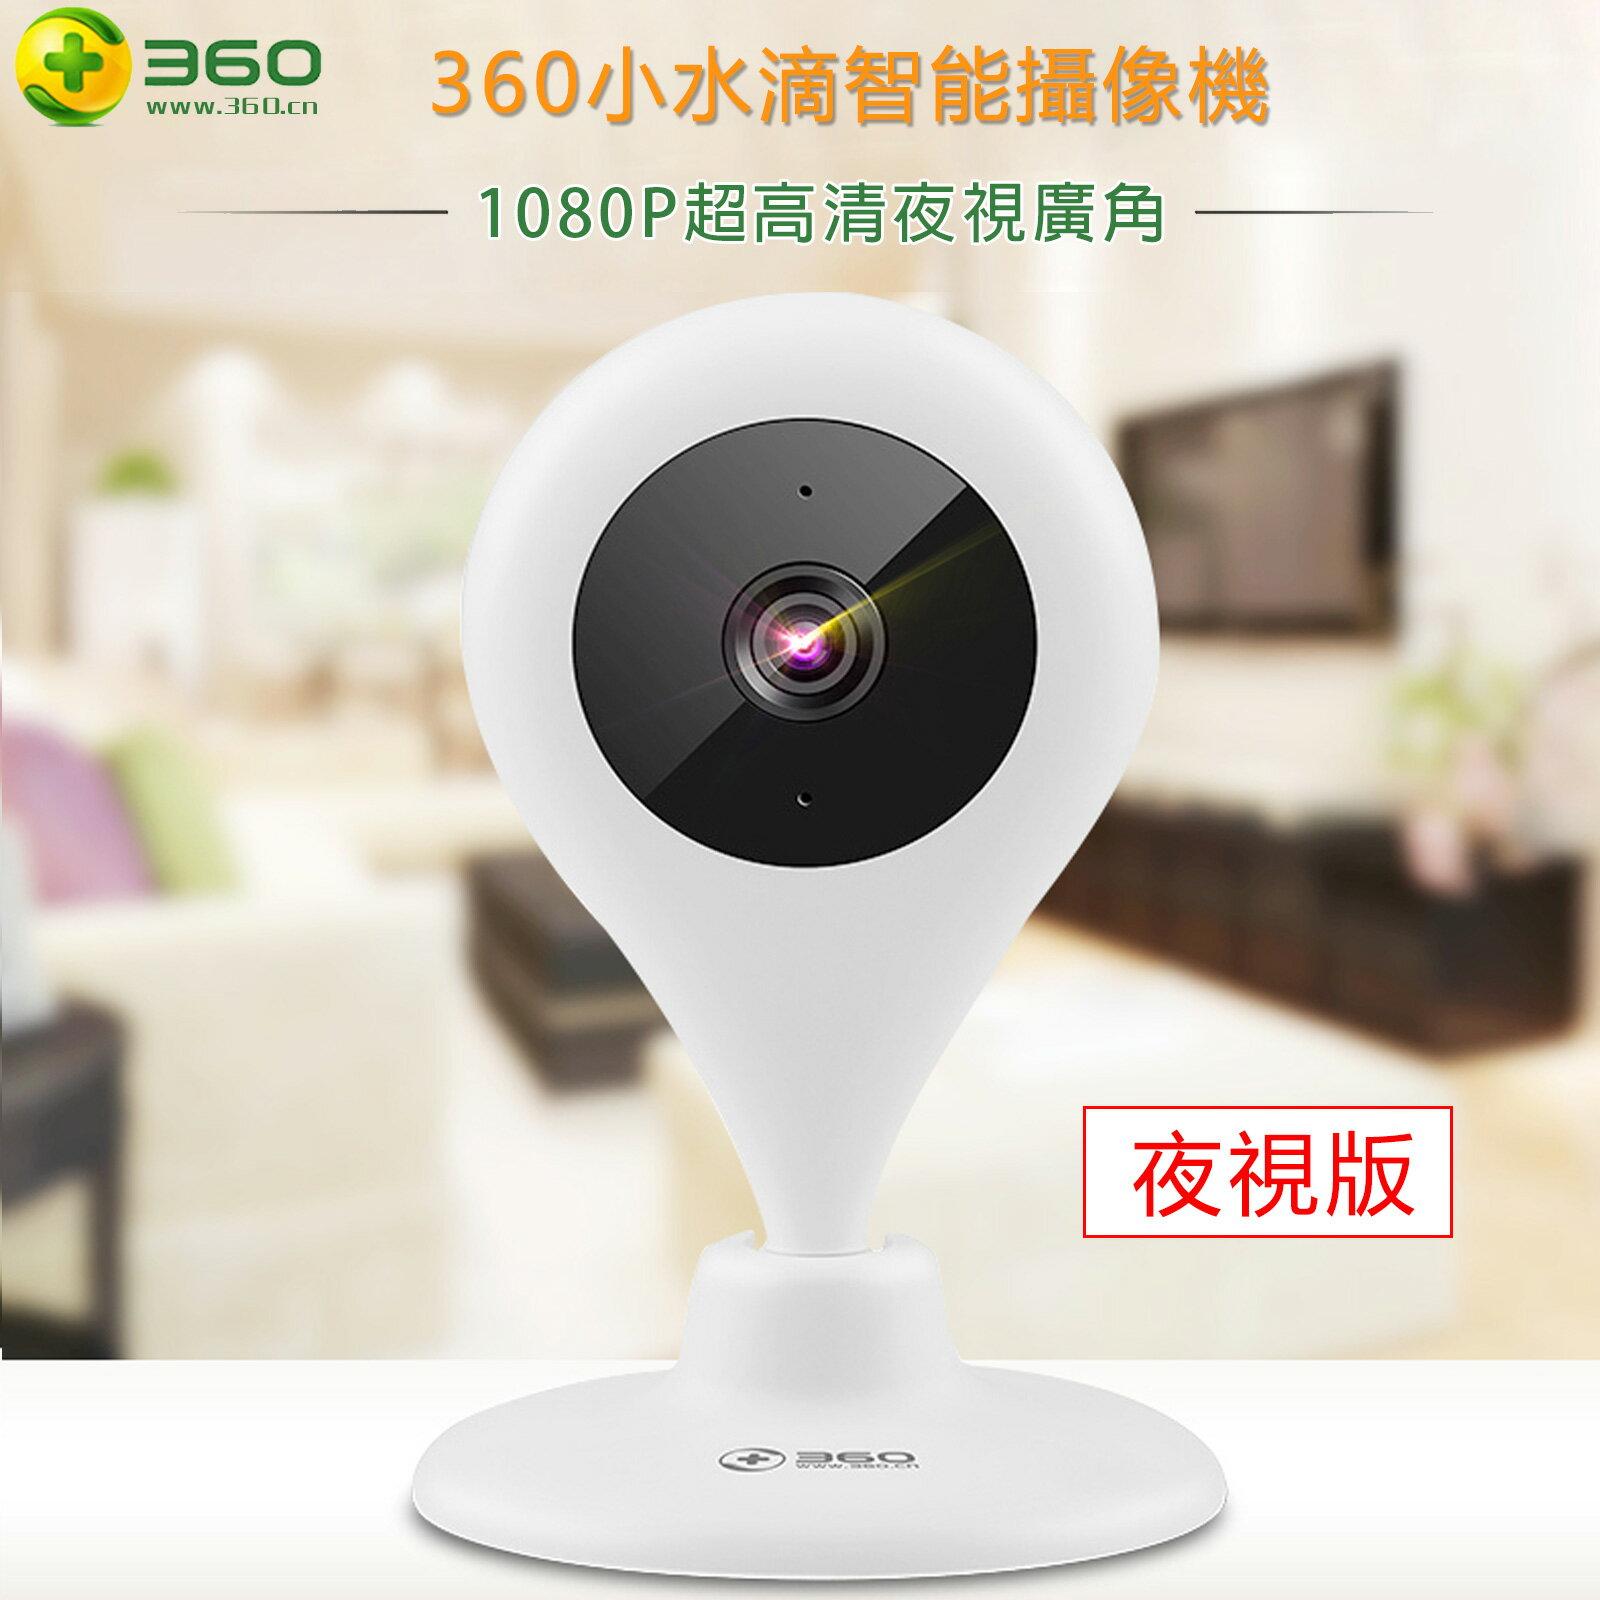 【正品免運】360智能攝影機1080P夜視版監視器攝像機  監控 WiFi 錄影機 高清【O3187】☆雙兒網☆ 2